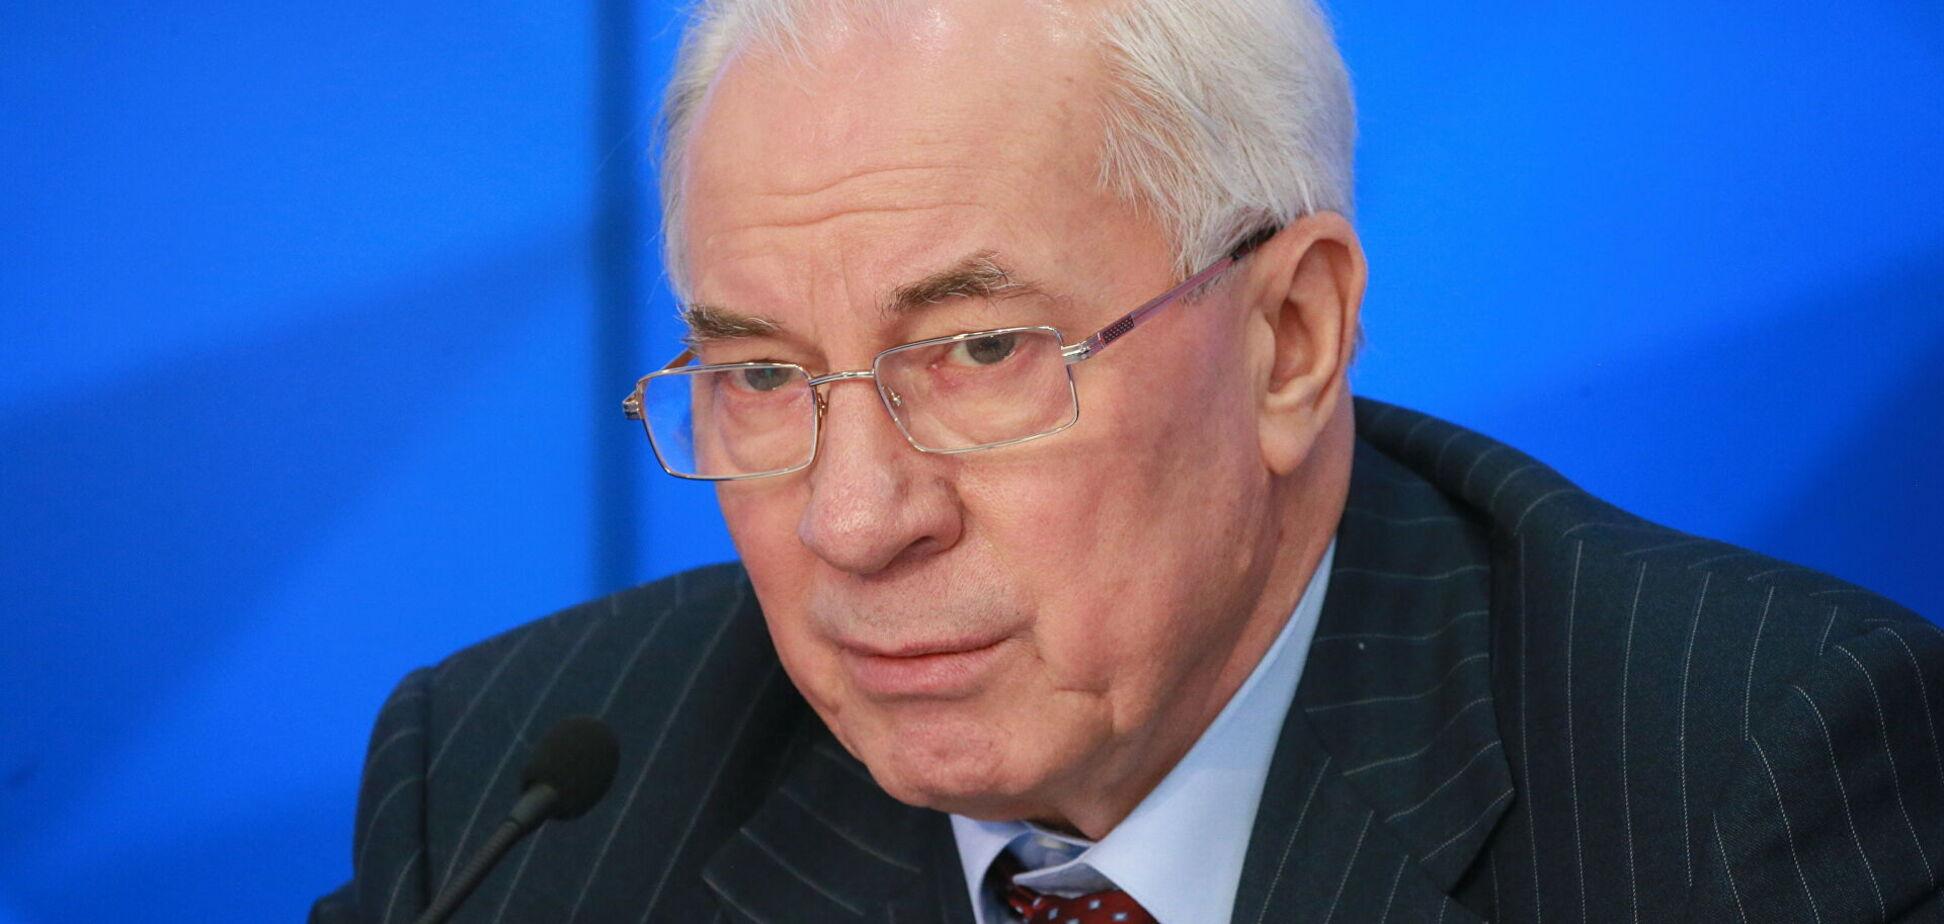 ДБР оголосило Азарову підозру в держзраді: його адвокат відповів